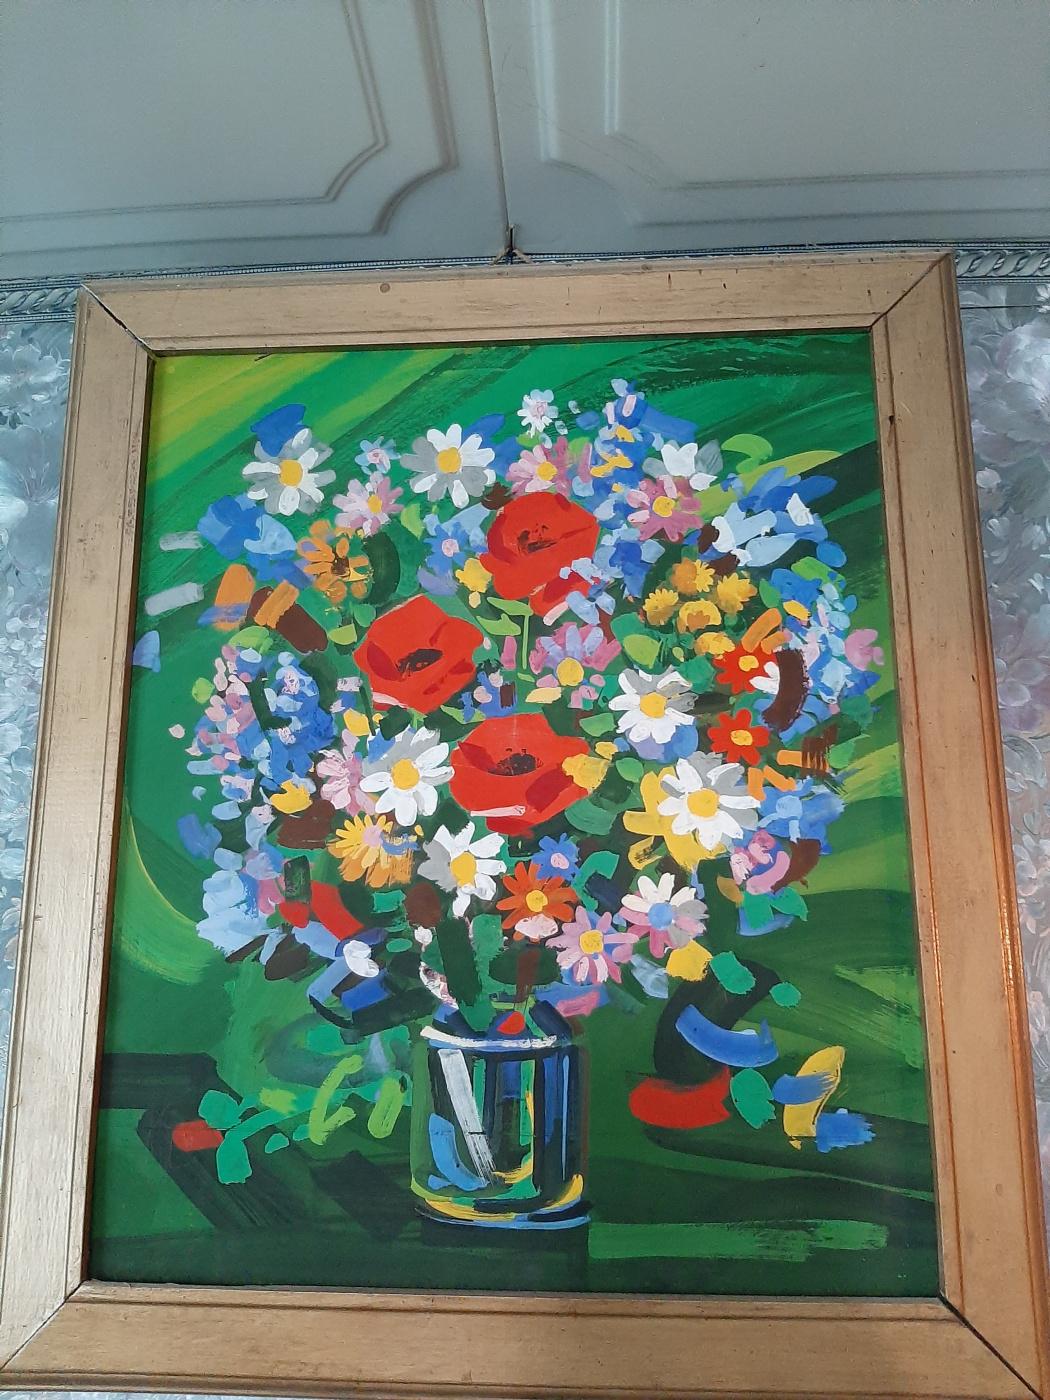 Vladislav Konstantinovich Nikonenko. Flowers